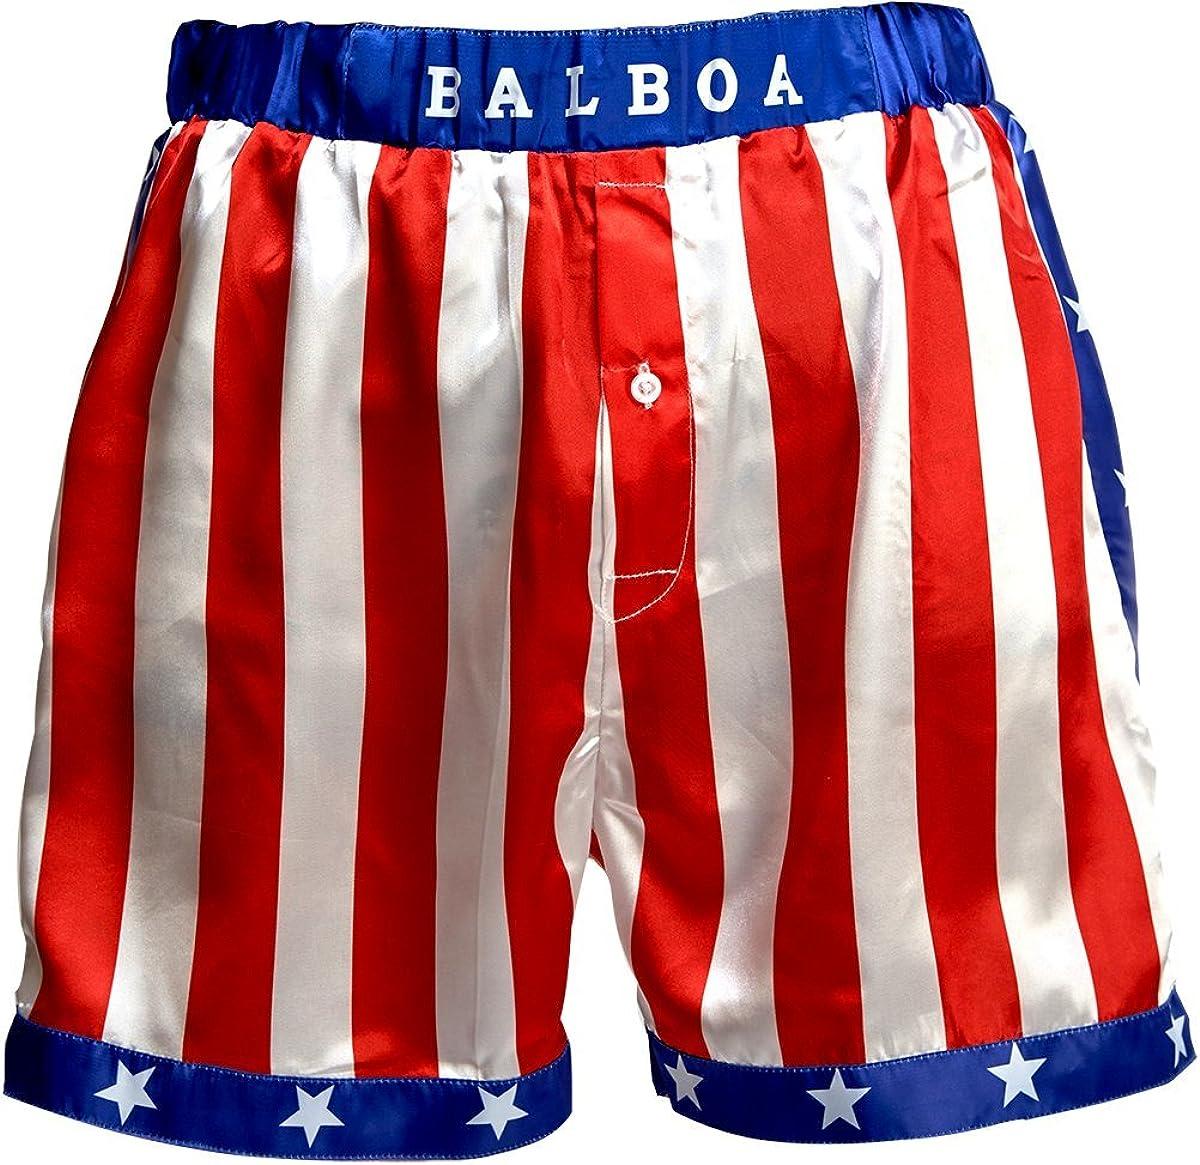 8tees - Rocky Balboa Pantalones Boxeo con caja exclusiva de Rocky IV - Disfraz Rocky Balboa-M: Amazon.es: Ropa y accesorios